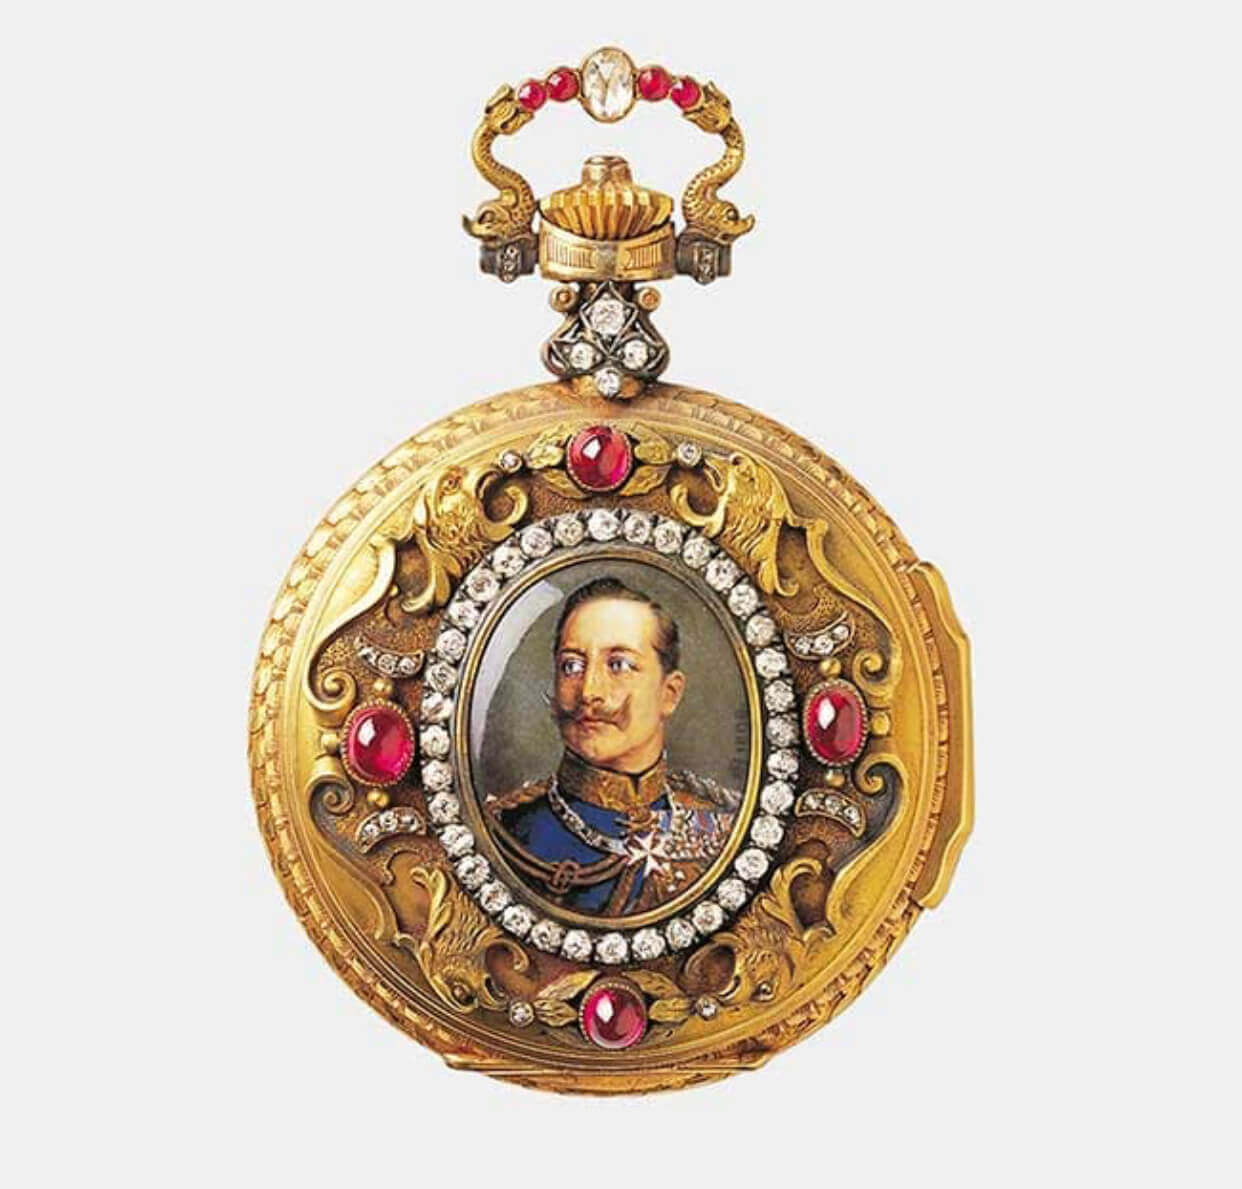 kaisser william's pocket watch